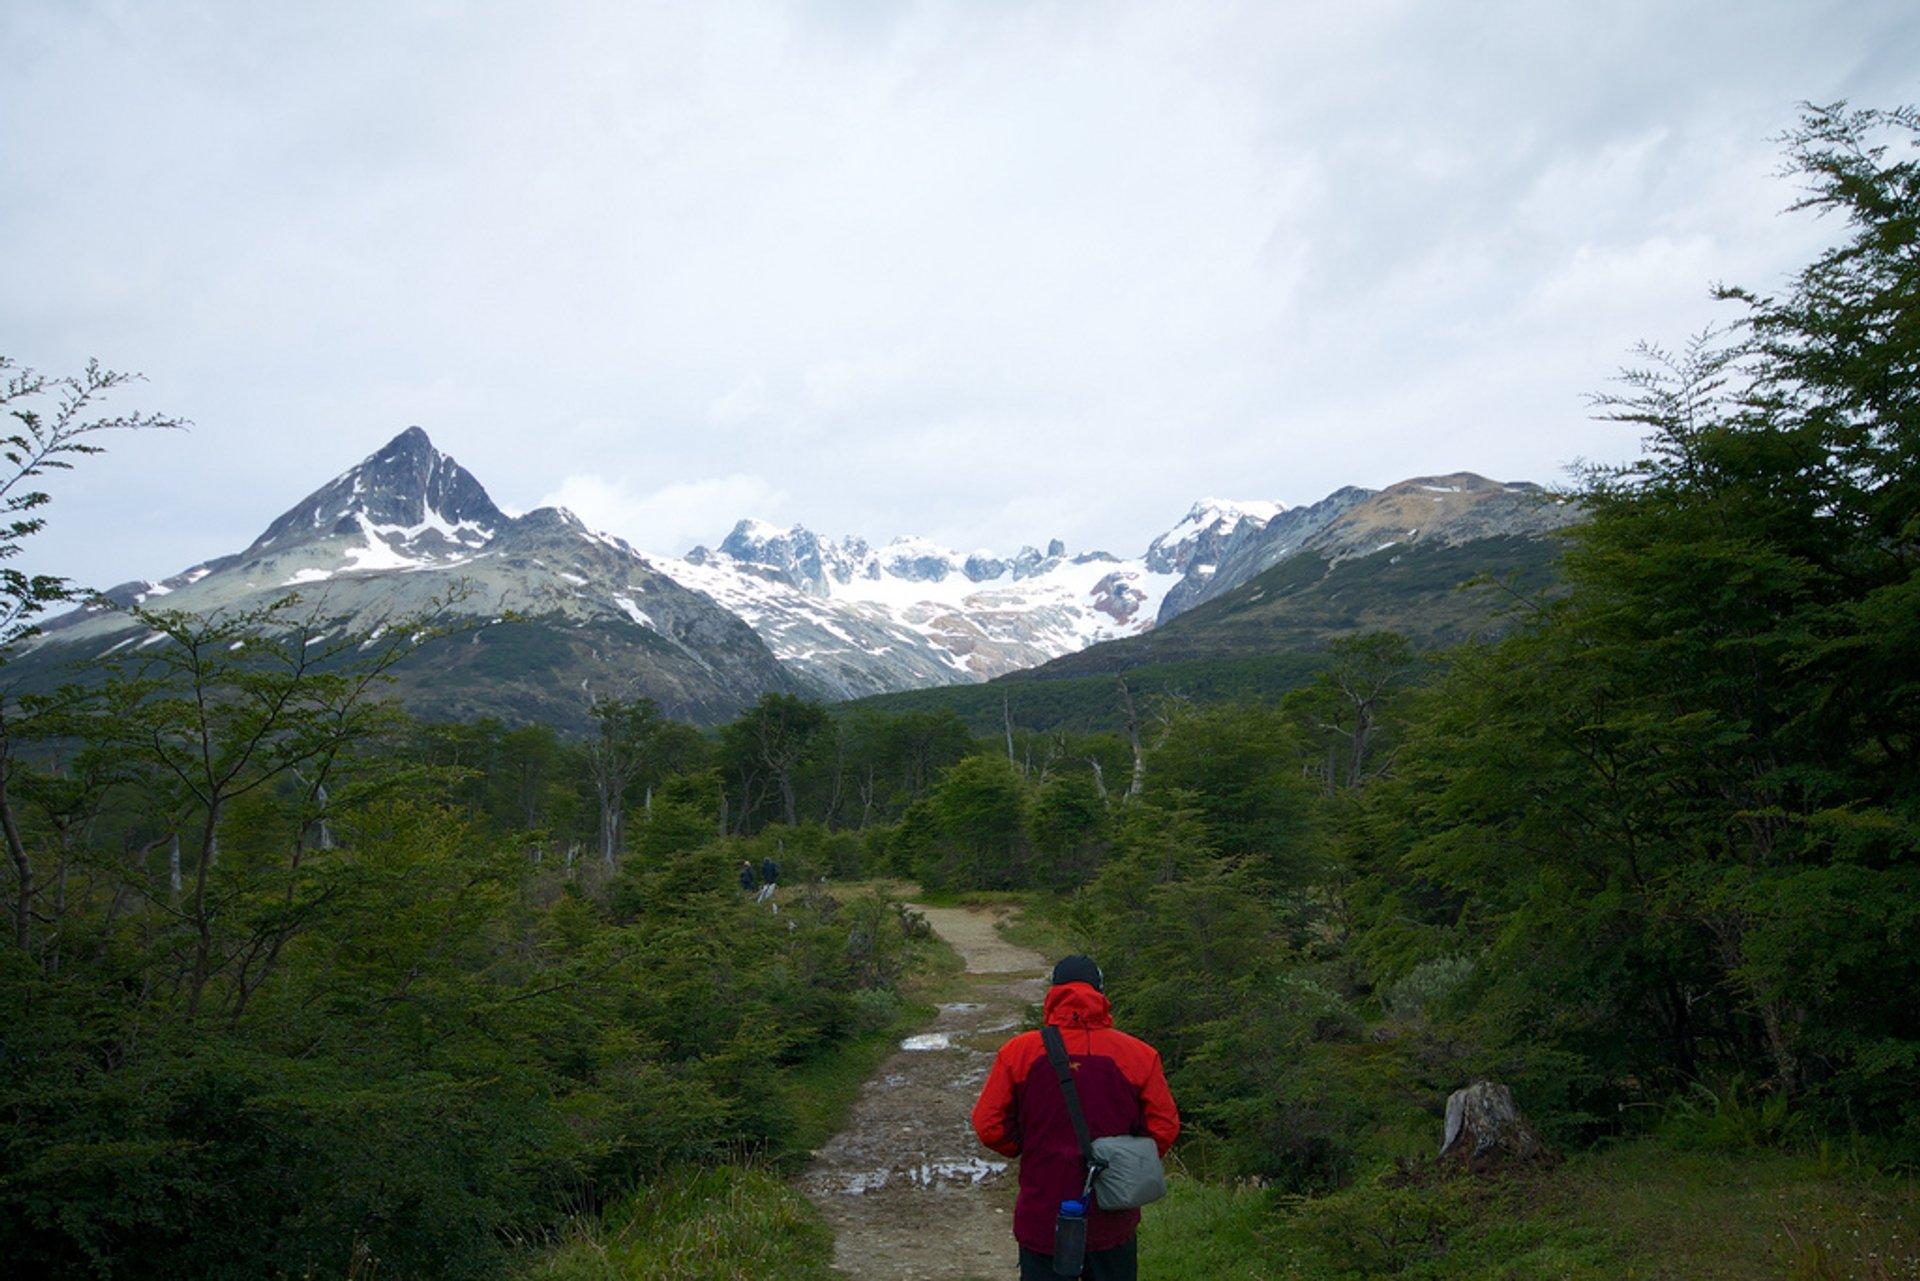 Trekking to Laguna Esmeralda, Tierra del Fuego 2019